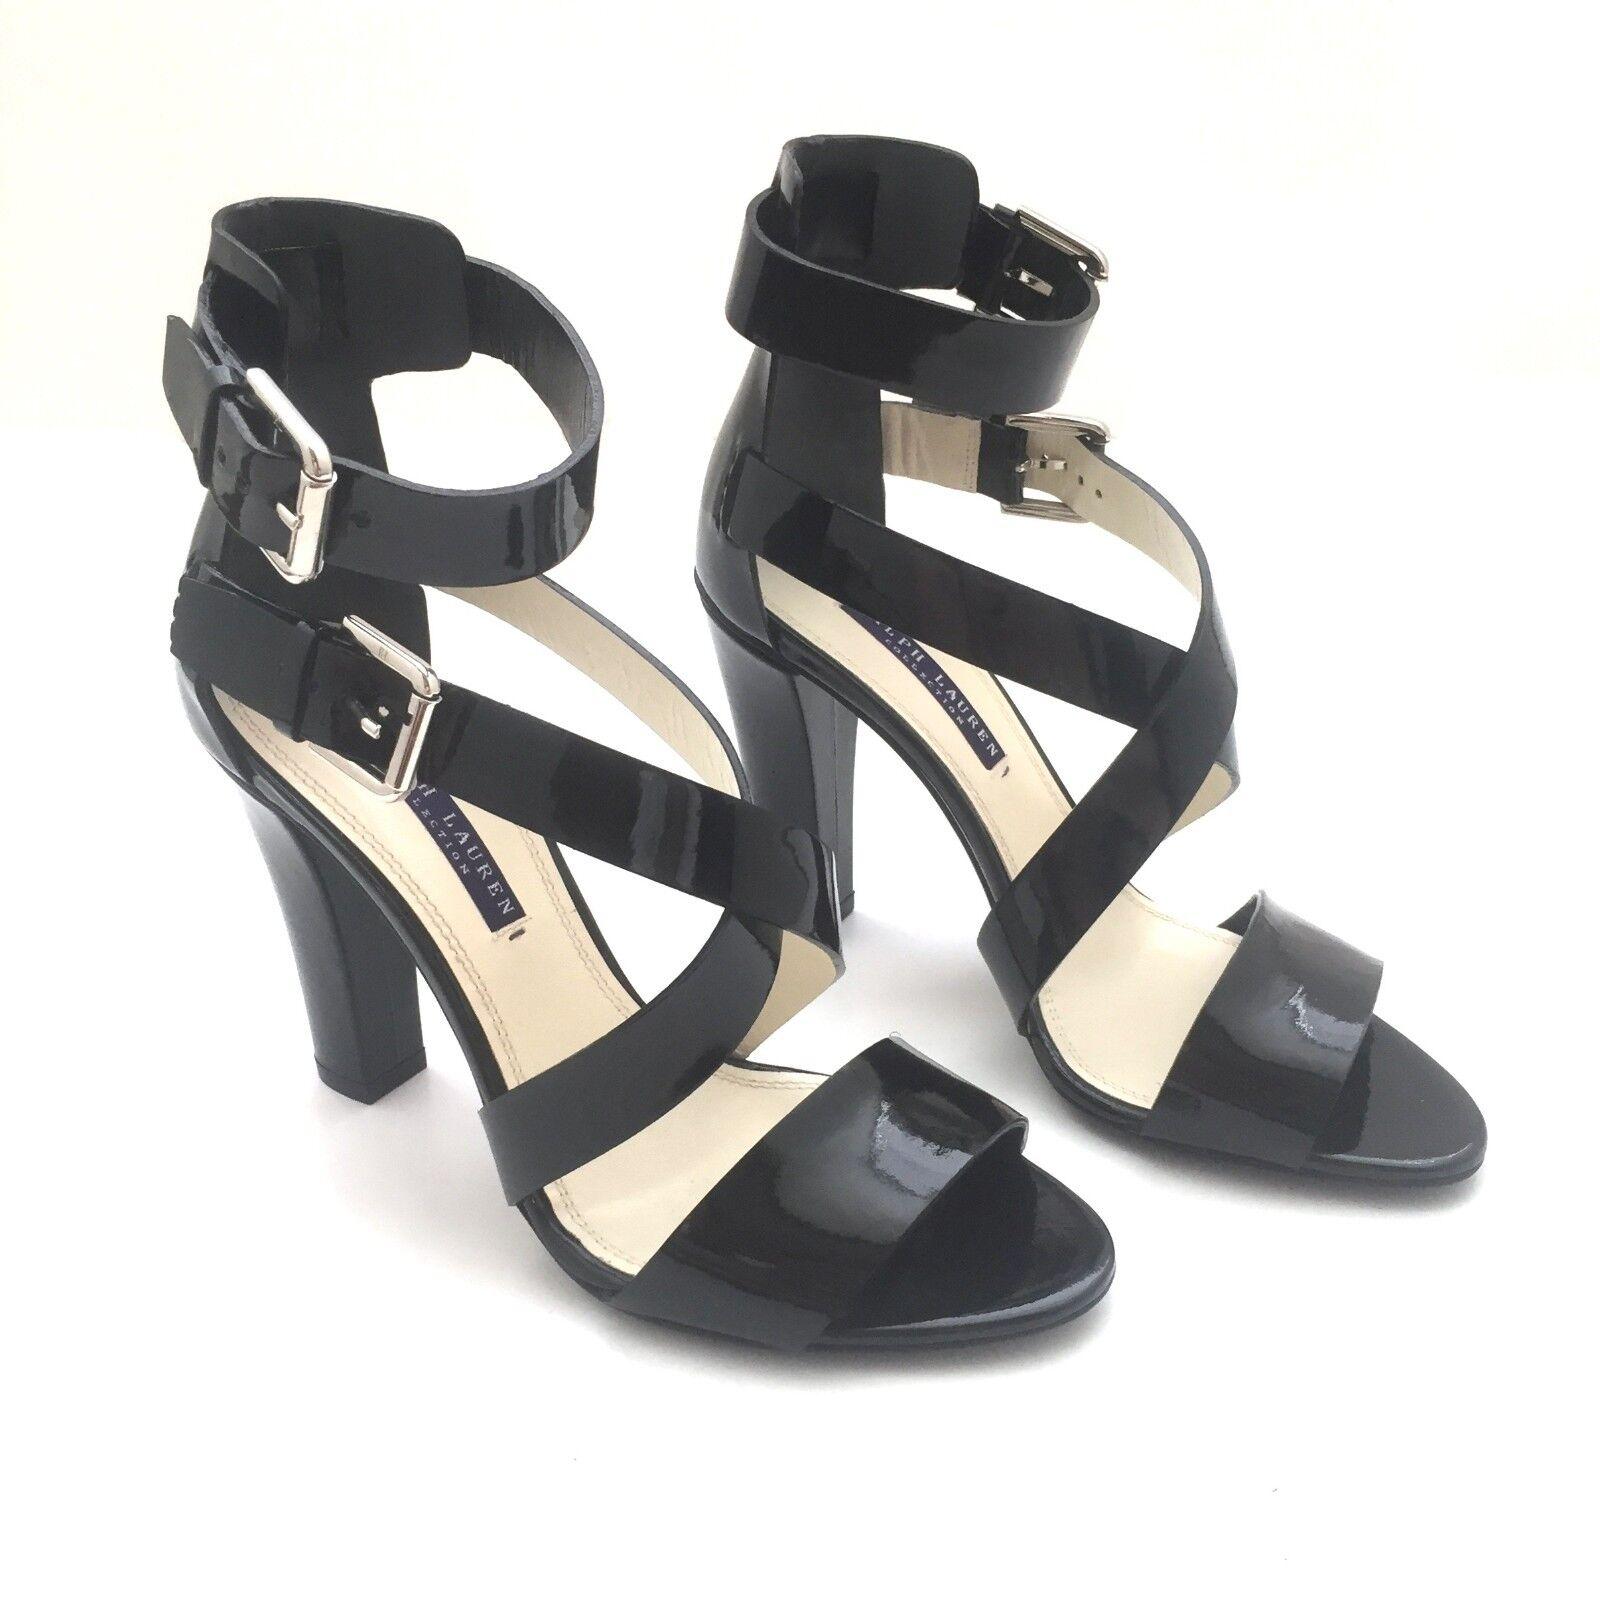 la migliore selezione di NWT  650 Ralph Lauren viola Label Collection nero nero nero Leather High Heels AUTHENTIC  vendita outlet online